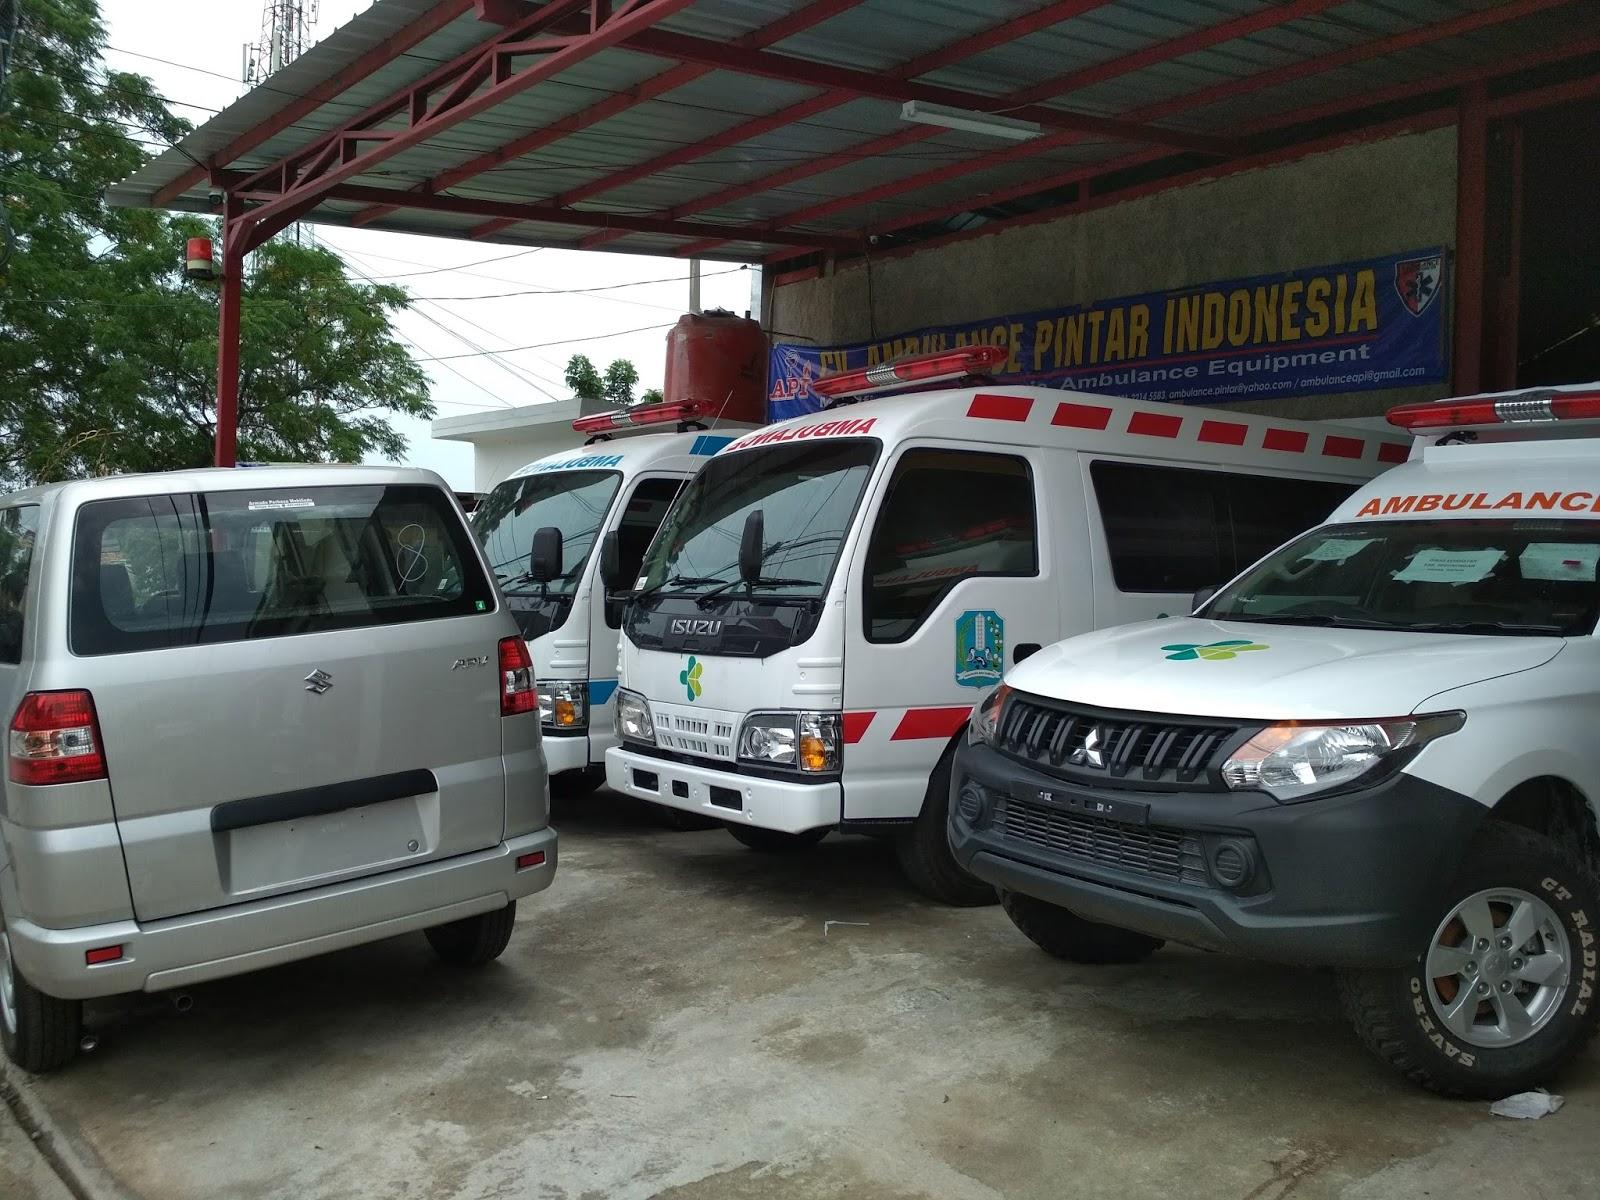 Karoseri Ambulance Api Ambulance Isuzu Elf Nlr Harga Ambulance 2018